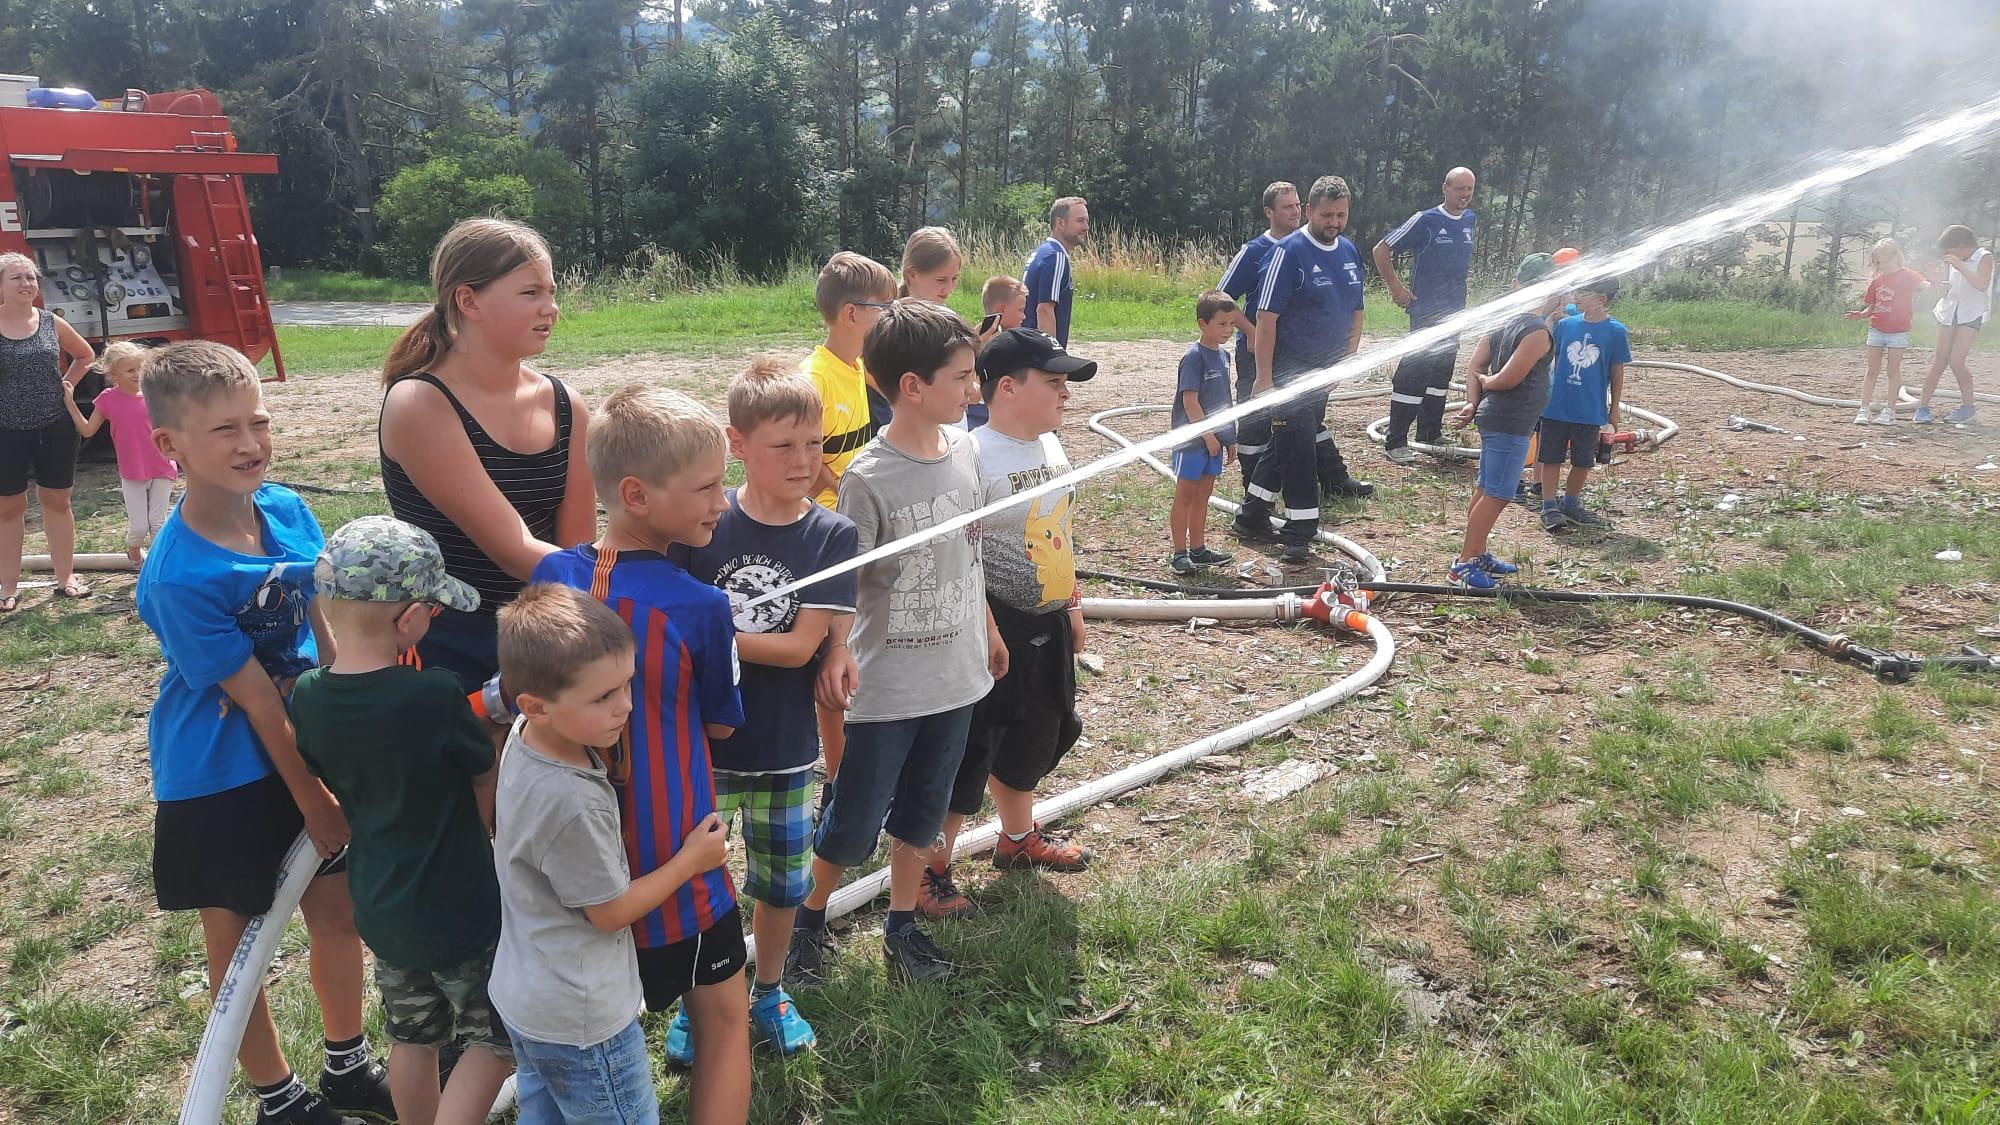 2021-07-23 - Kinder-Ferienprogramm (13)